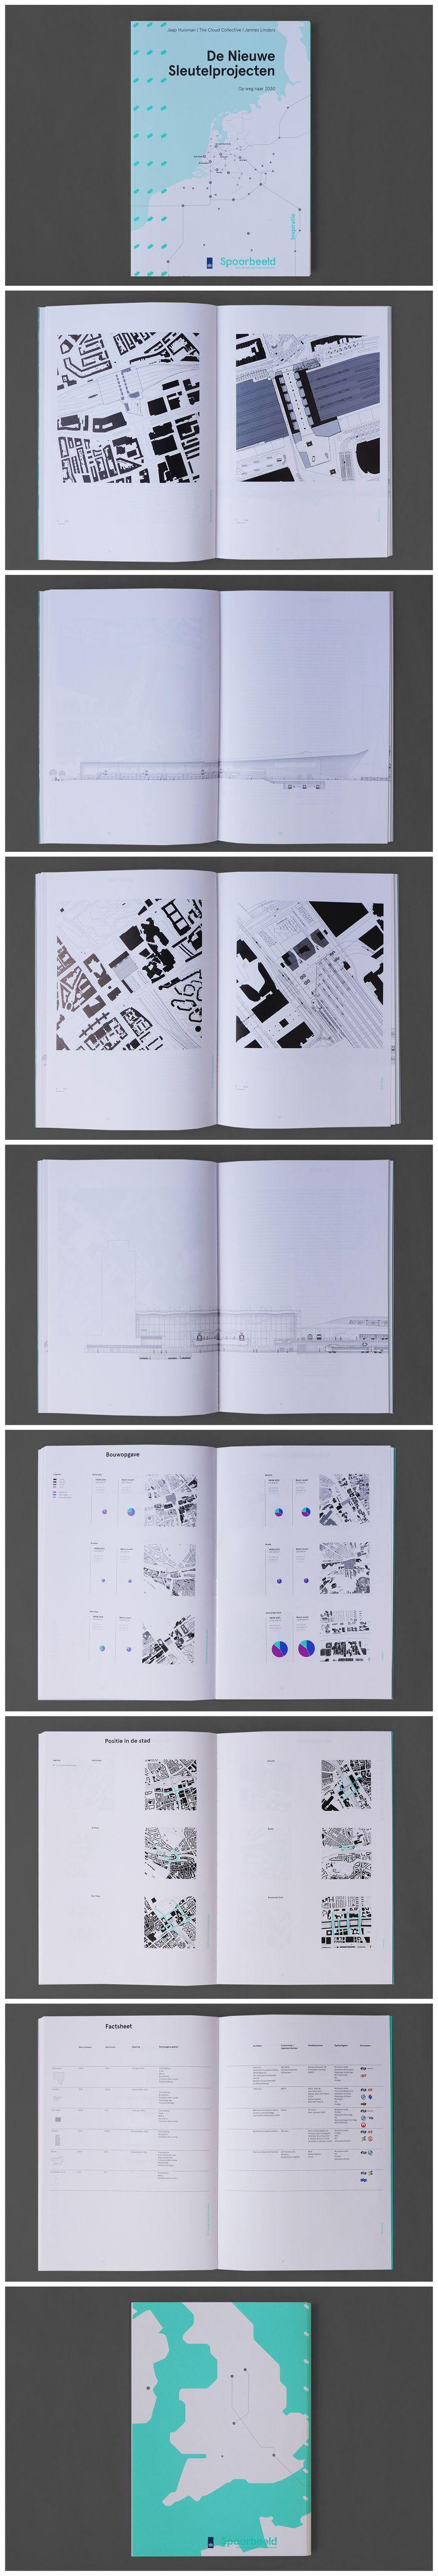 CIVIC architects - De Nieuwe Sleutelprojecten - Spoorbeeld |